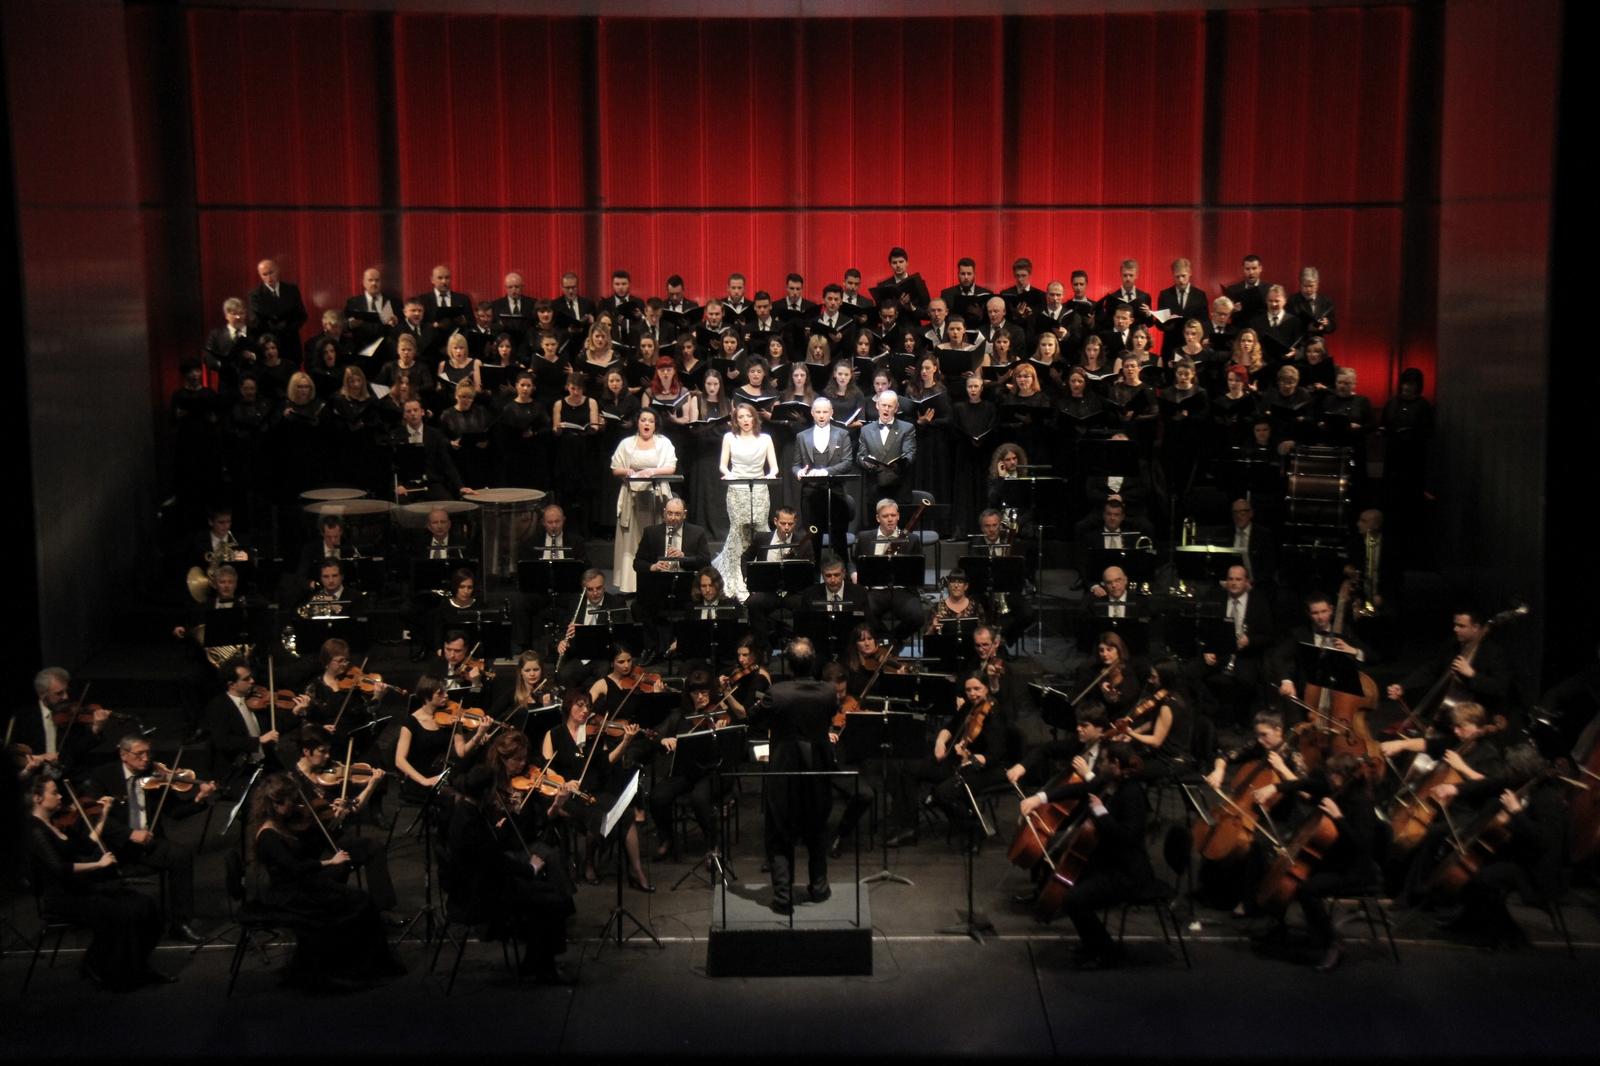 Solisti, Tibor Boganyi, Orkestar Opere HNK Ivana pl. Zajca i Akademski mješoviti zbor Muzičke akademije Sveučilišta Jurja Dobrile u Puli